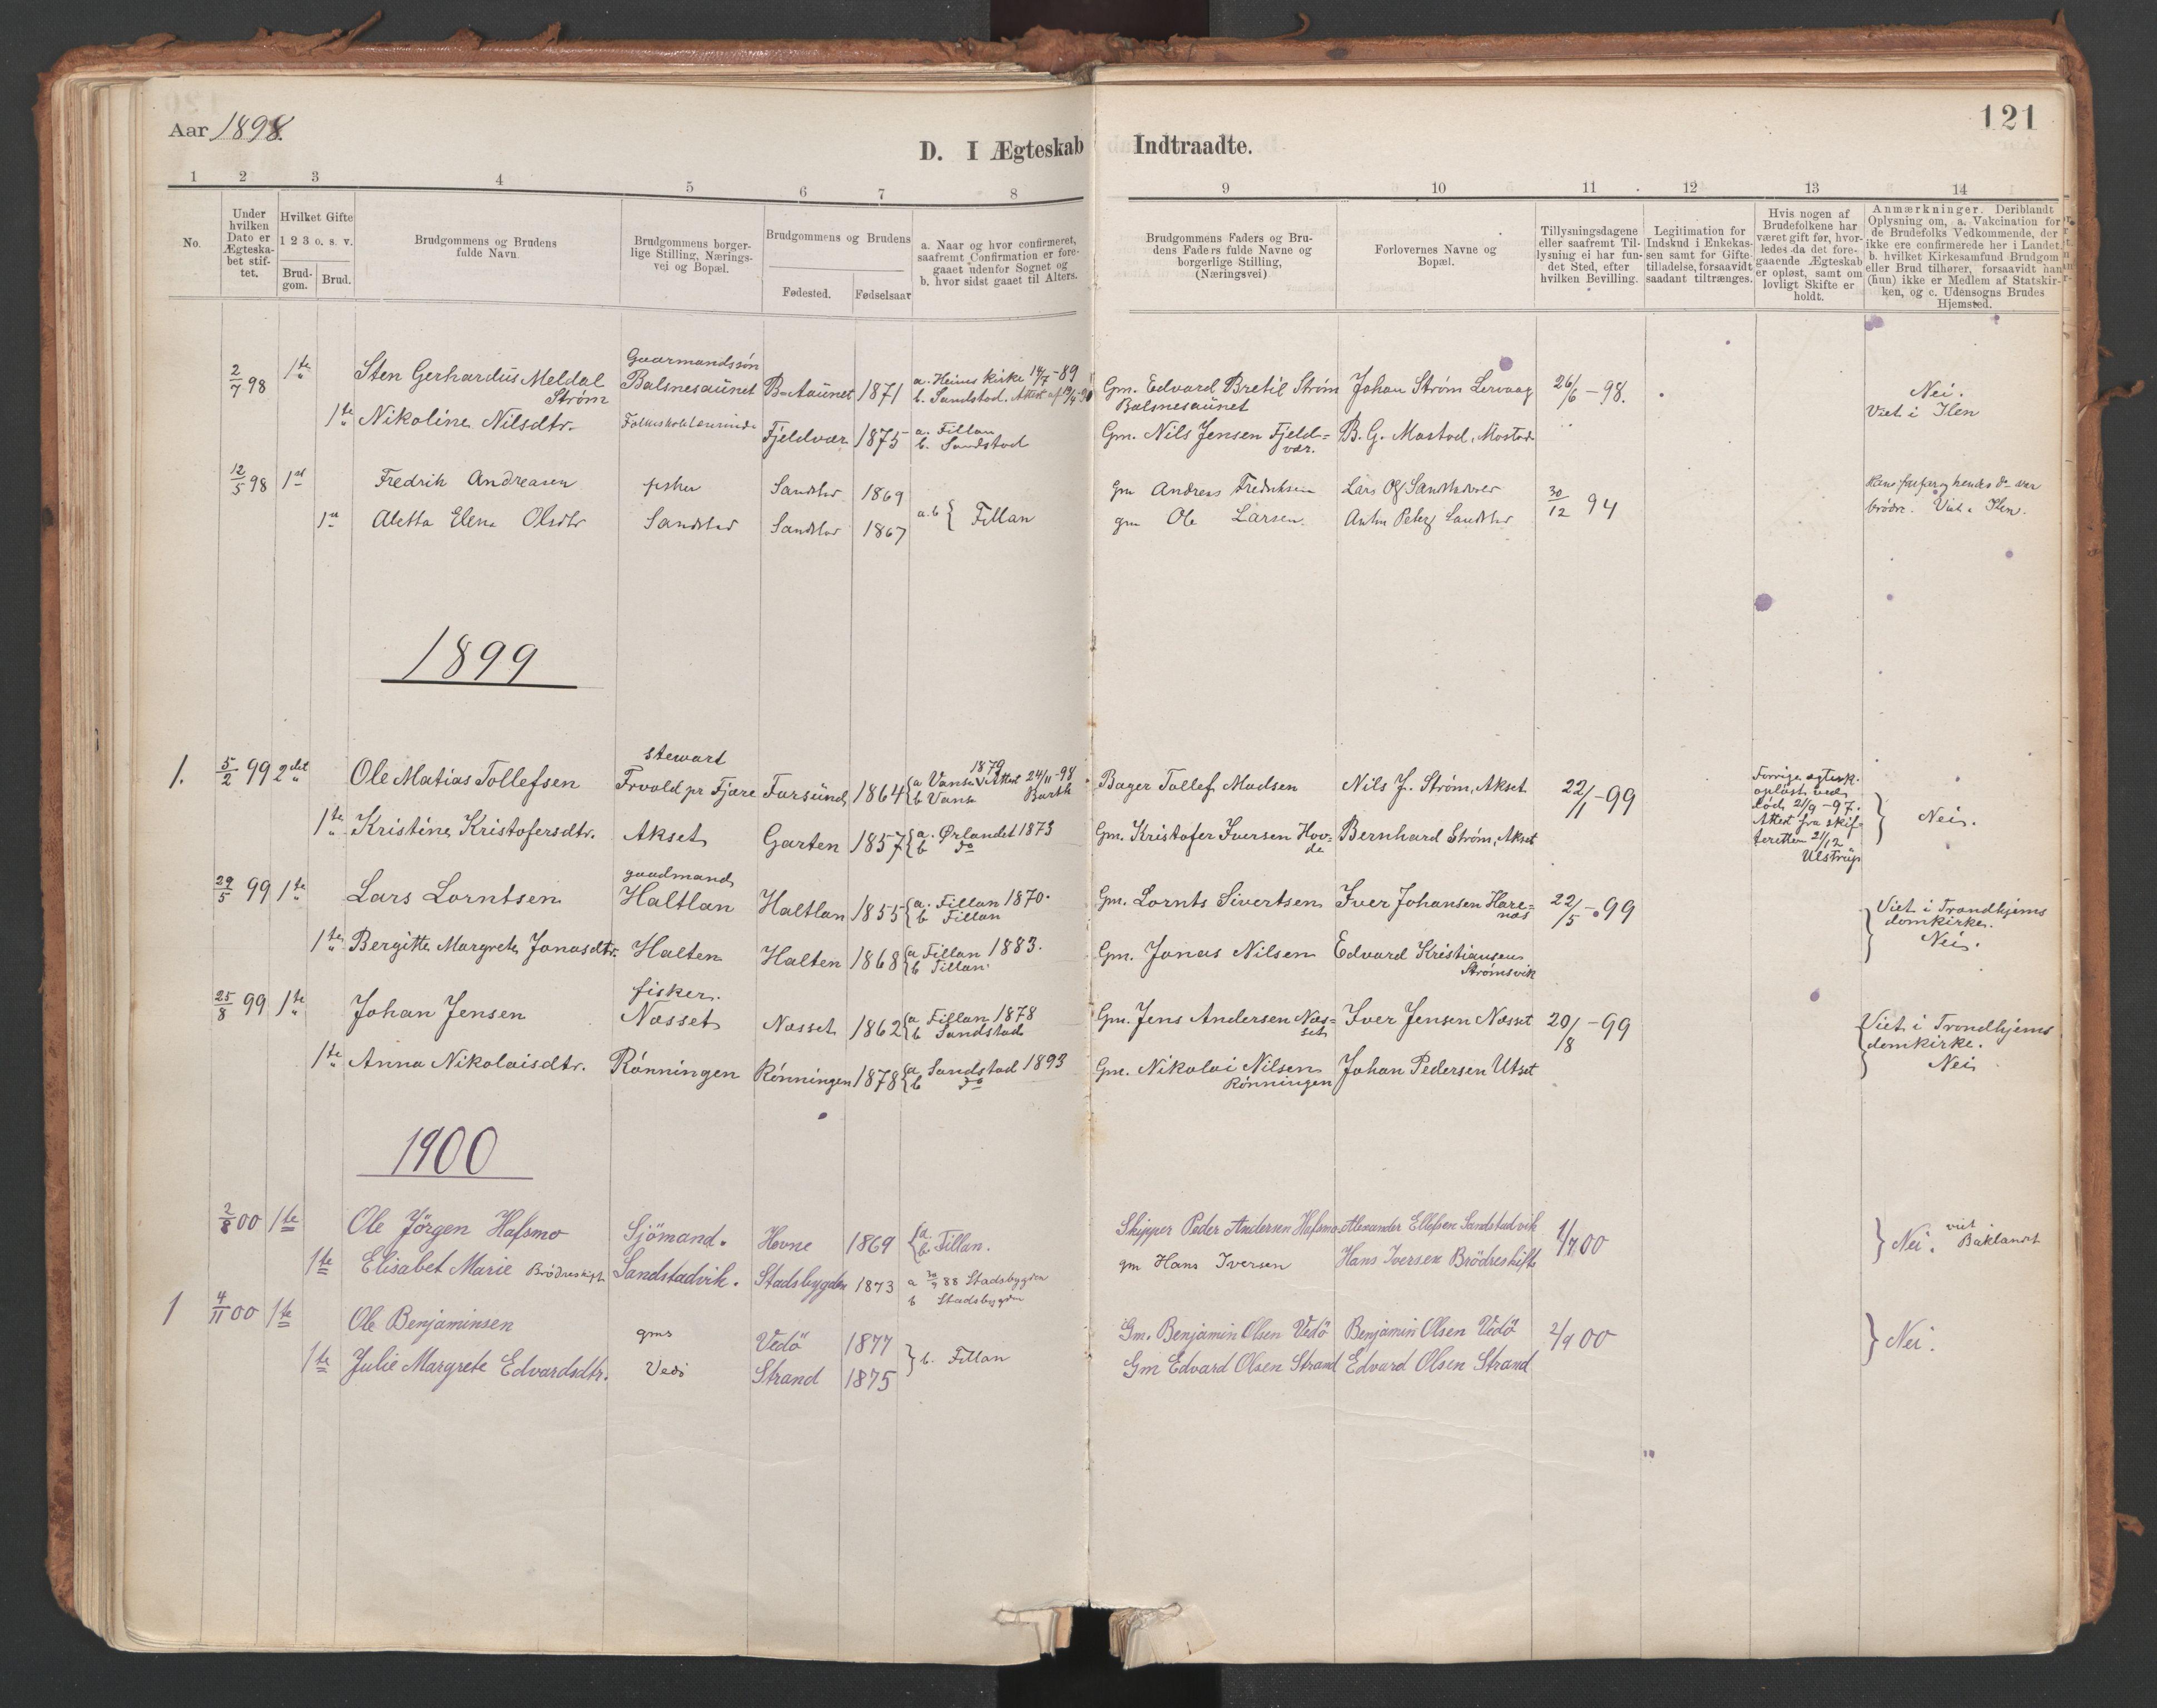 SAT, Ministerialprotokoller, klokkerbøker og fødselsregistre - Sør-Trøndelag, 639/L0572: Ministerialbok nr. 639A01, 1890-1920, s. 121